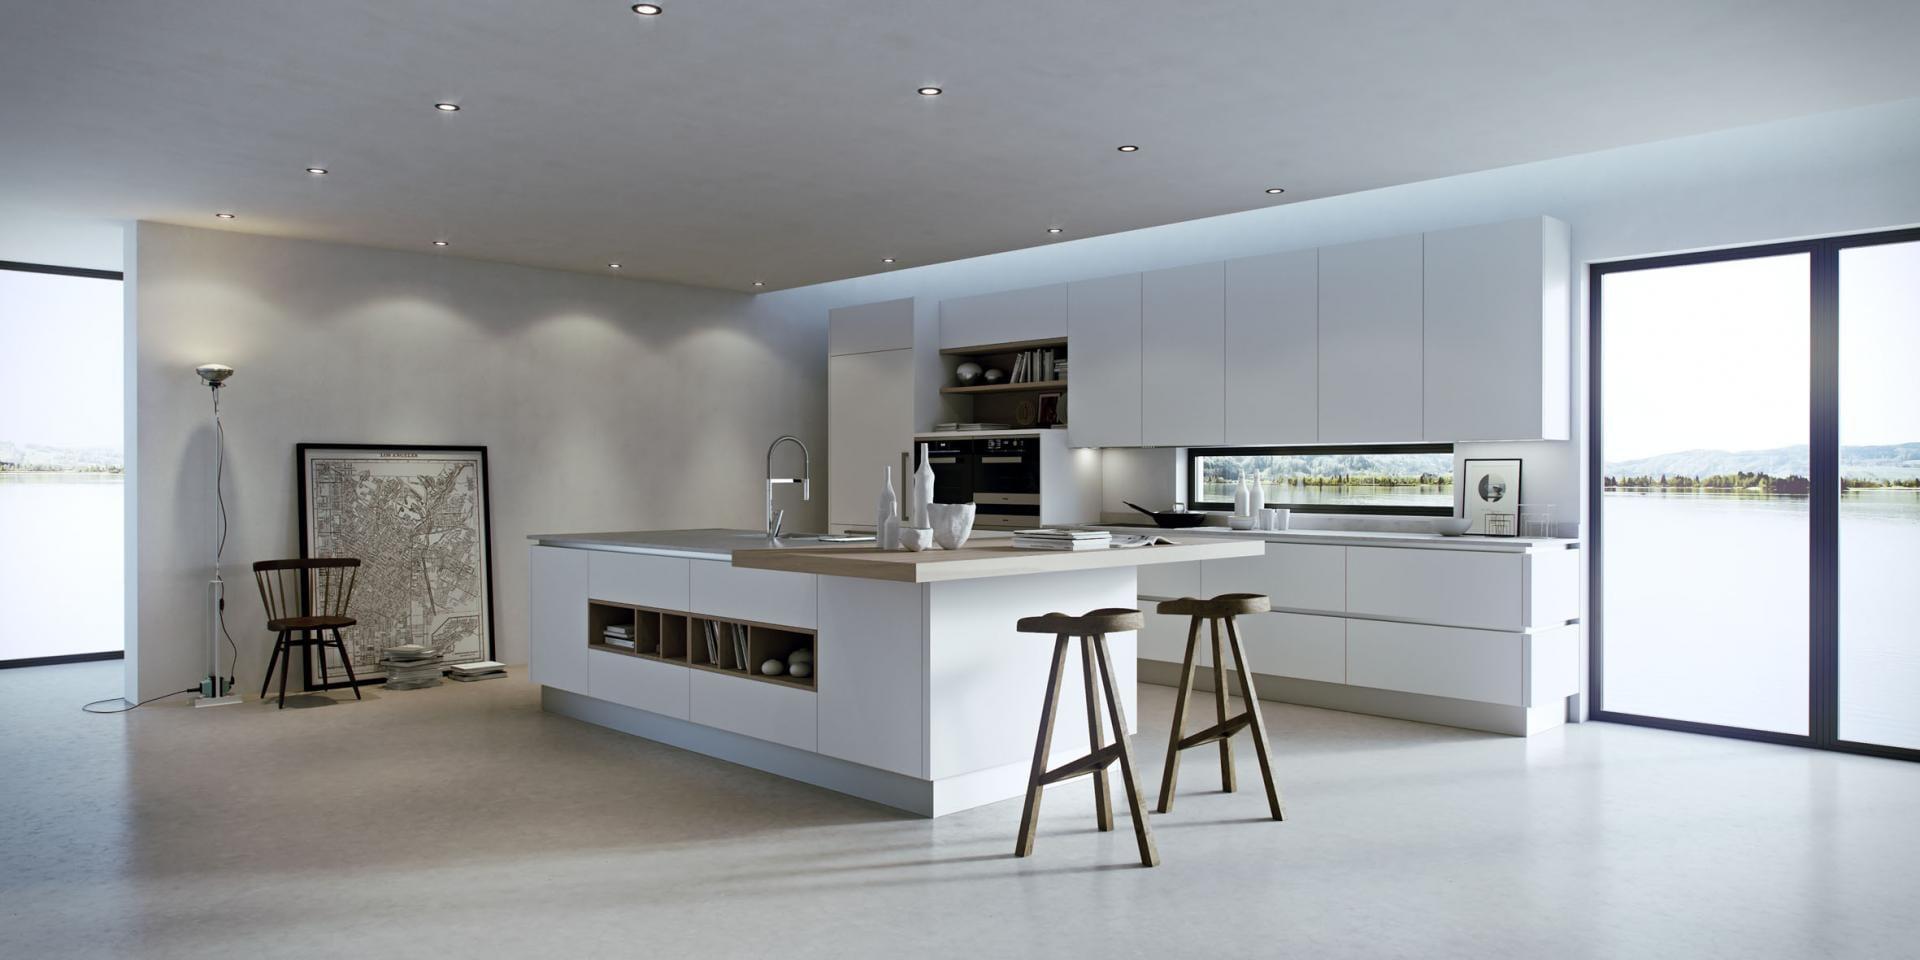 Nolte Küche Magnolia Hochglanz  DesignIdeen für zu Hause